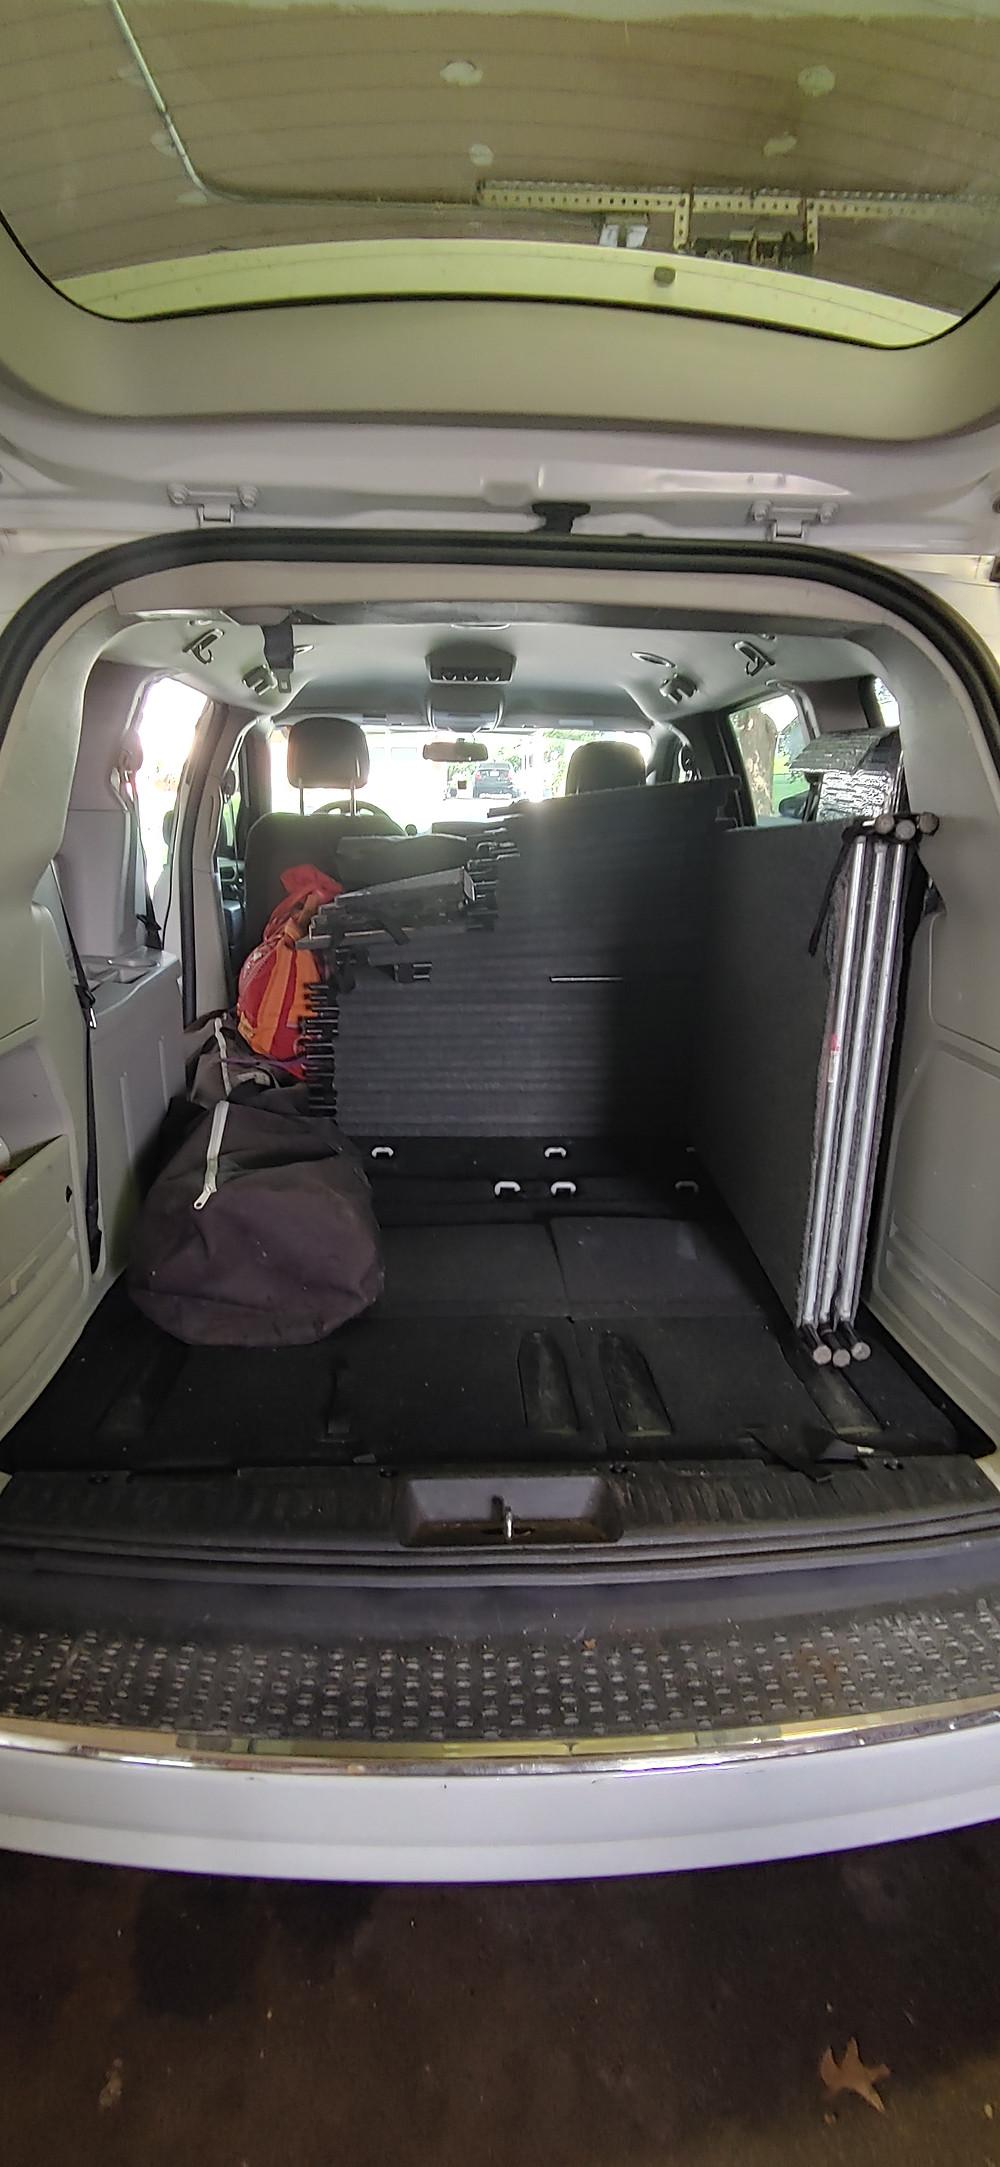 Halfway loaded van